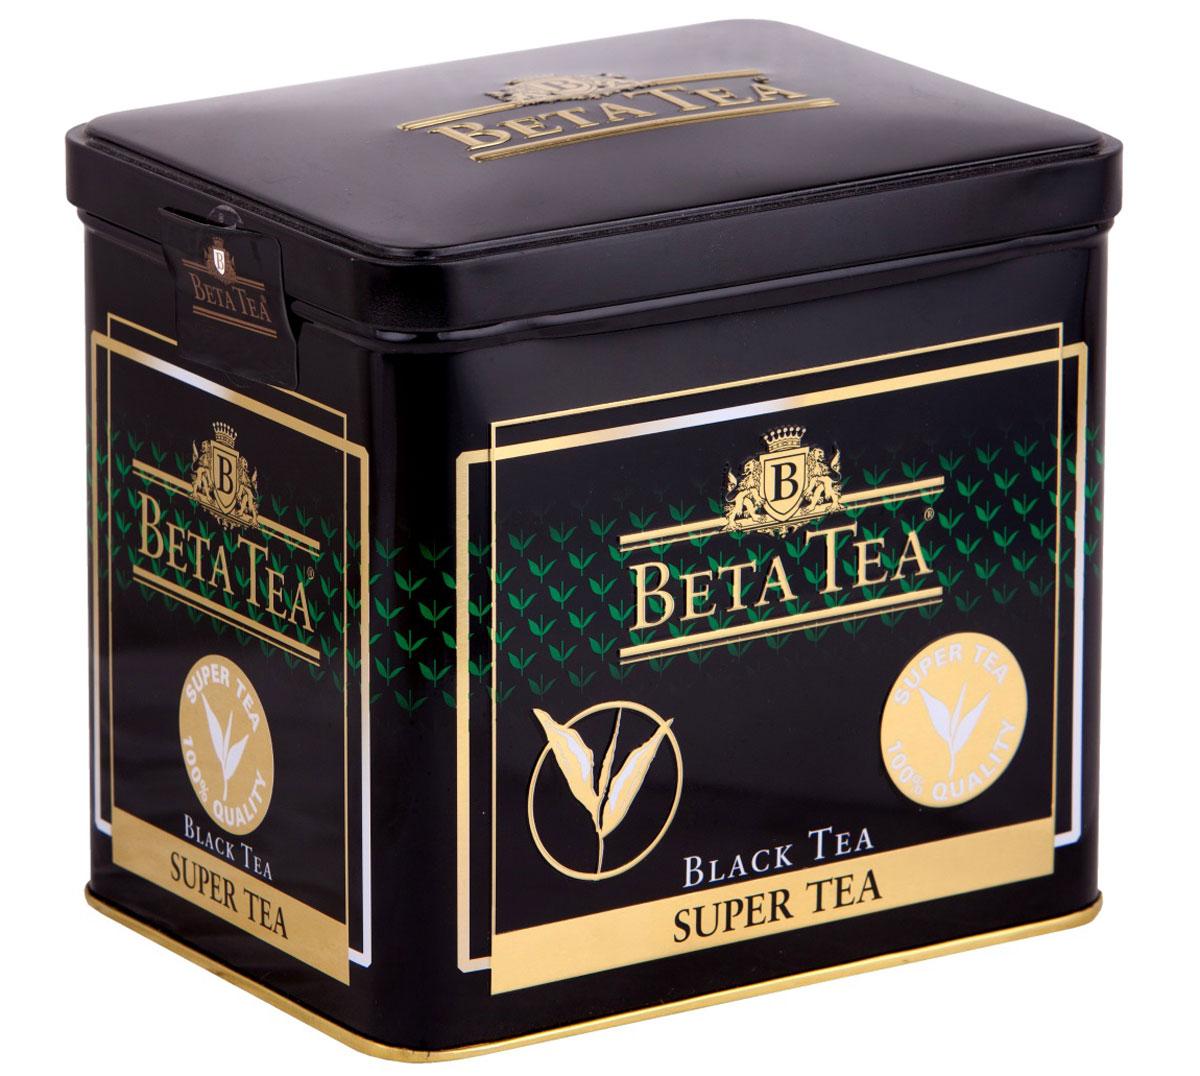 Beta Tea Super Tea черный листовой чай с бергамотом, 250 г8690717005256Мелколистовой чай Beta Tea Super Tea с лучших плантаций Цейлона подарит вам блаженство и умиротворение. Насладитесь крепостью и ароматом этого изящного сорта чая.